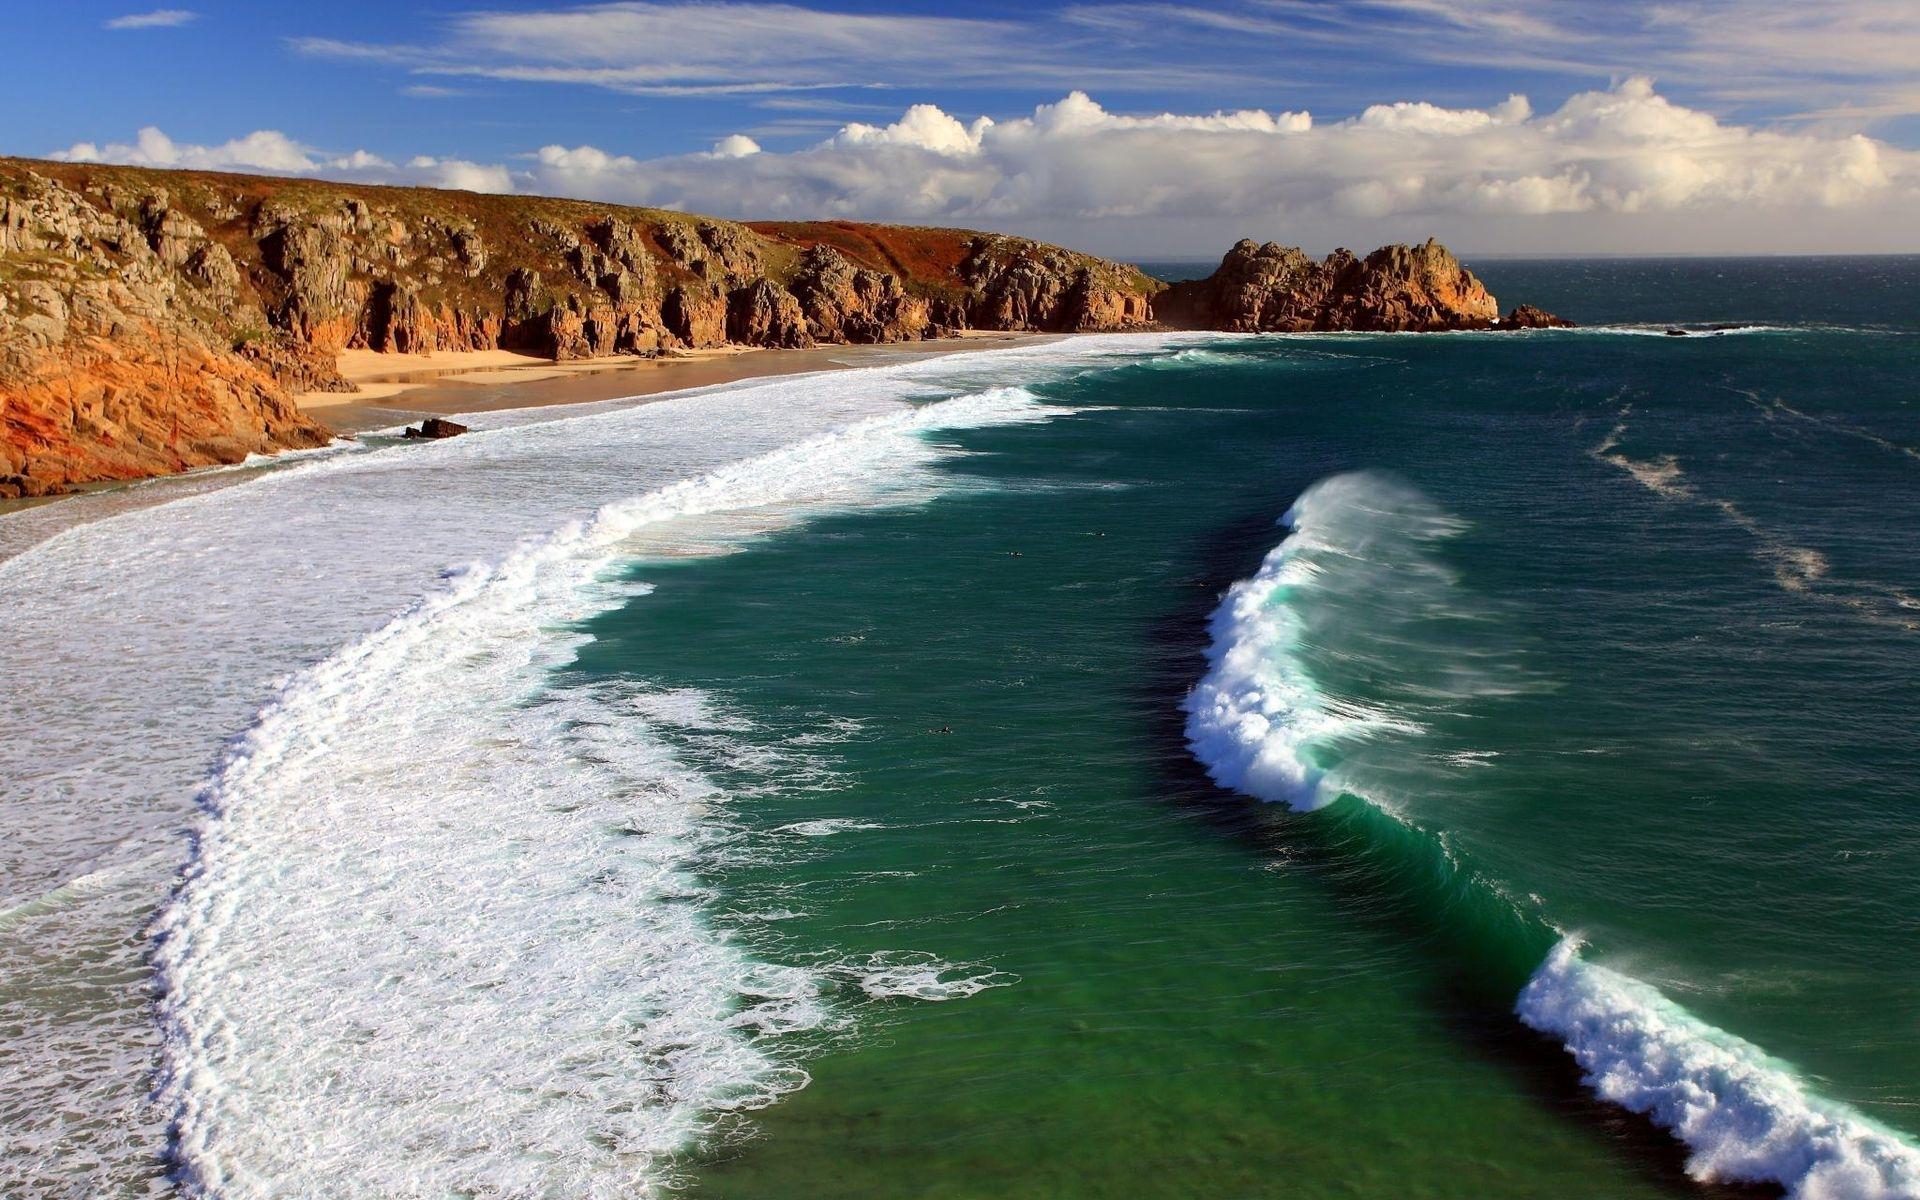 24558 скачать обои Пейзаж, Море, Облака, Волны, Пляж - заставки и картинки бесплатно